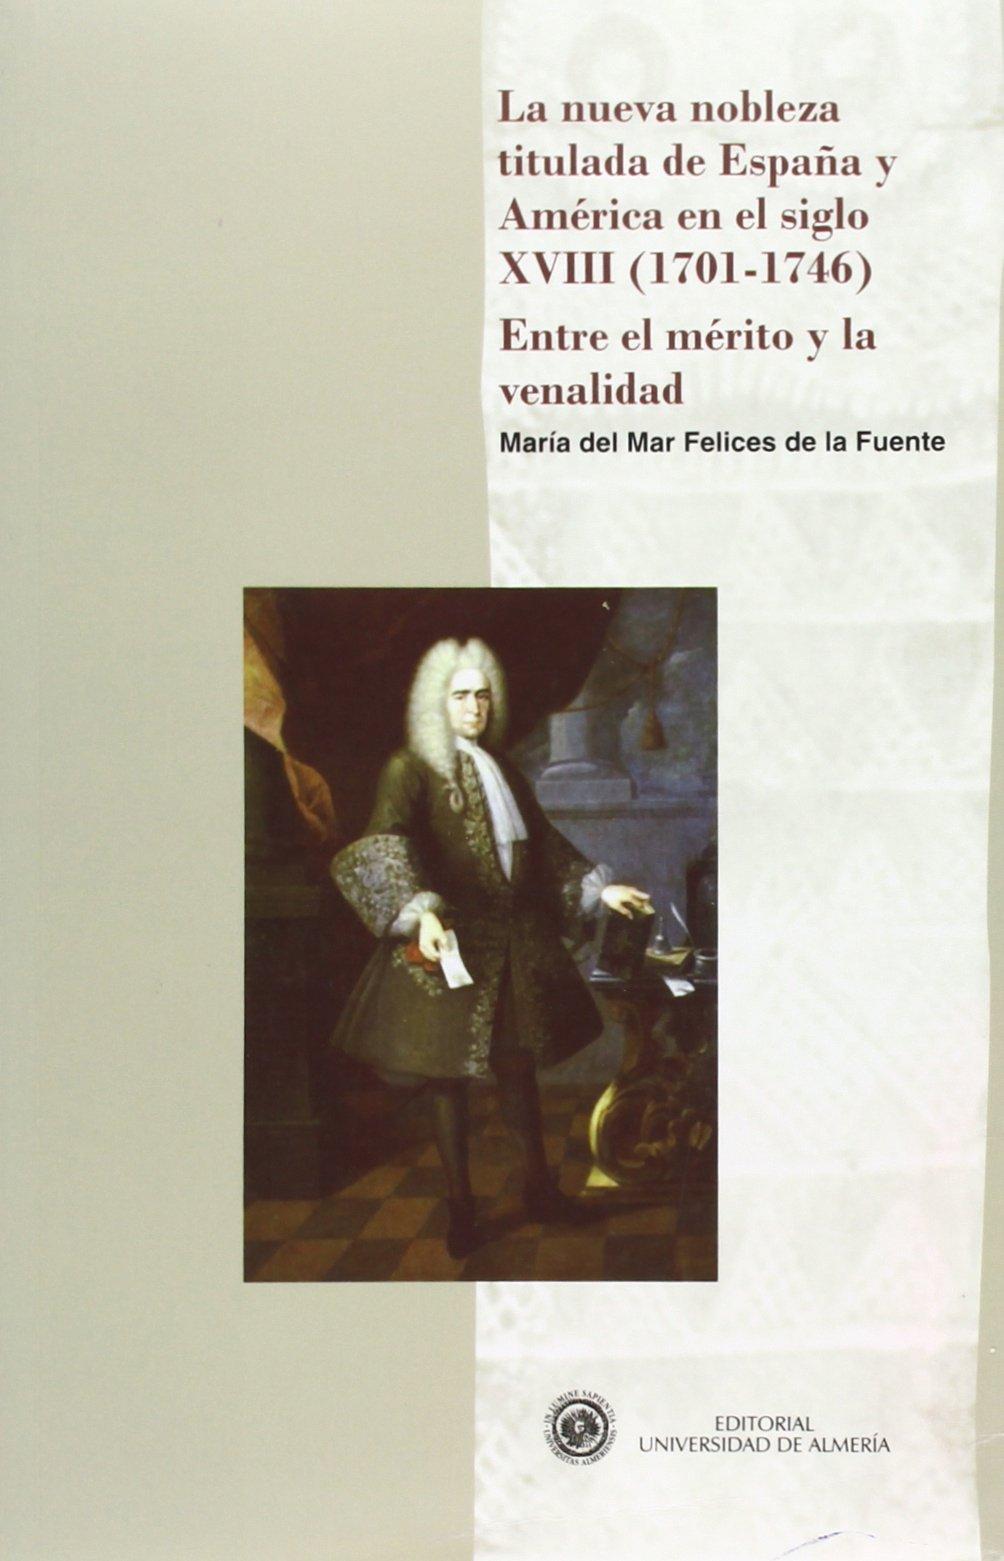 La nueva nobleza titulada de España y América en el siglo XVIII ...